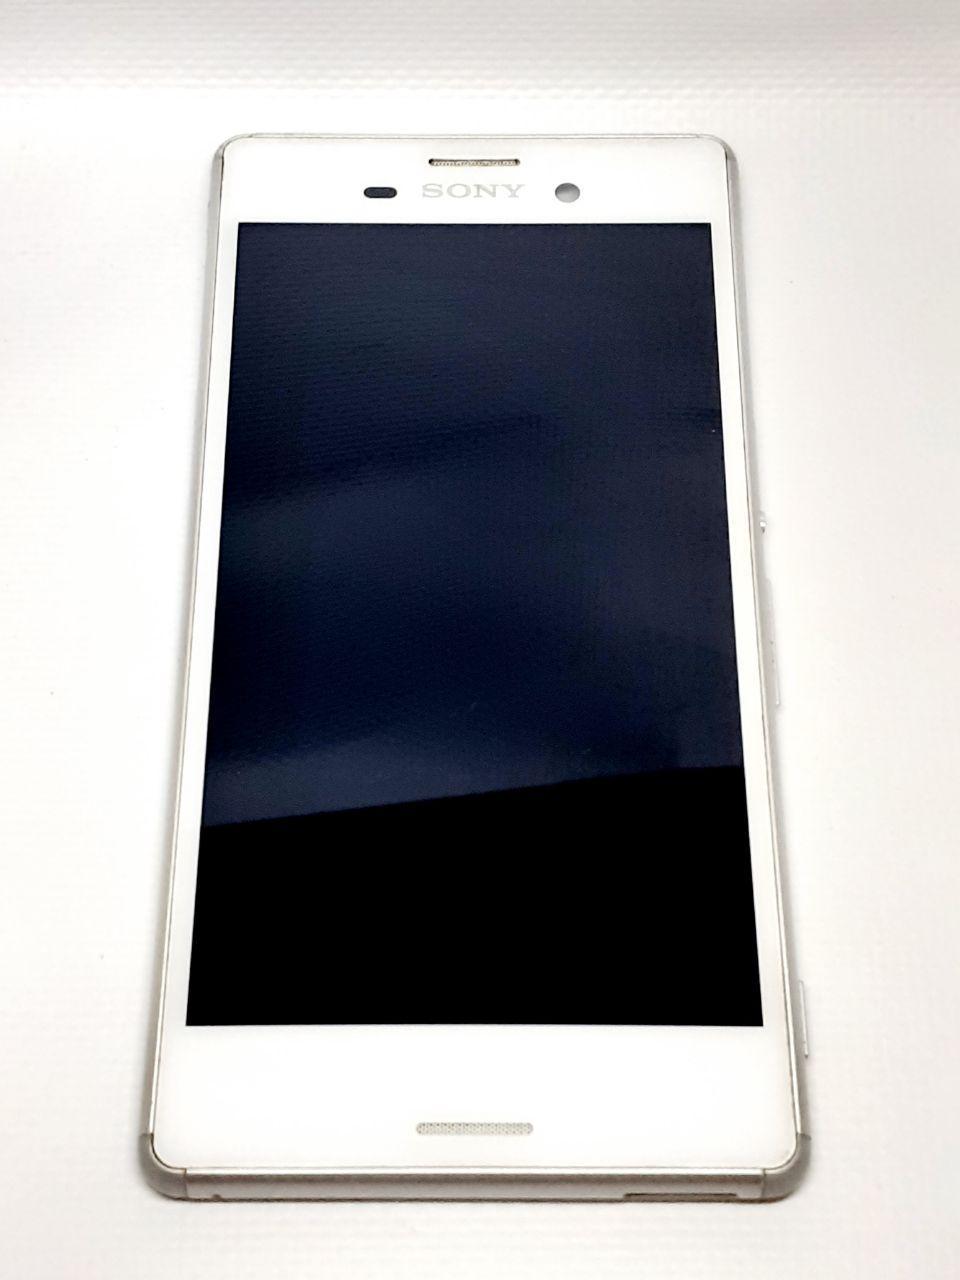 Модуль дисплей сенсор рамка шлейф кнопок белый  Sony E2333 Xperia M4 Aqua LTE, E2306/E2312/E2303/E2353/E2363 o